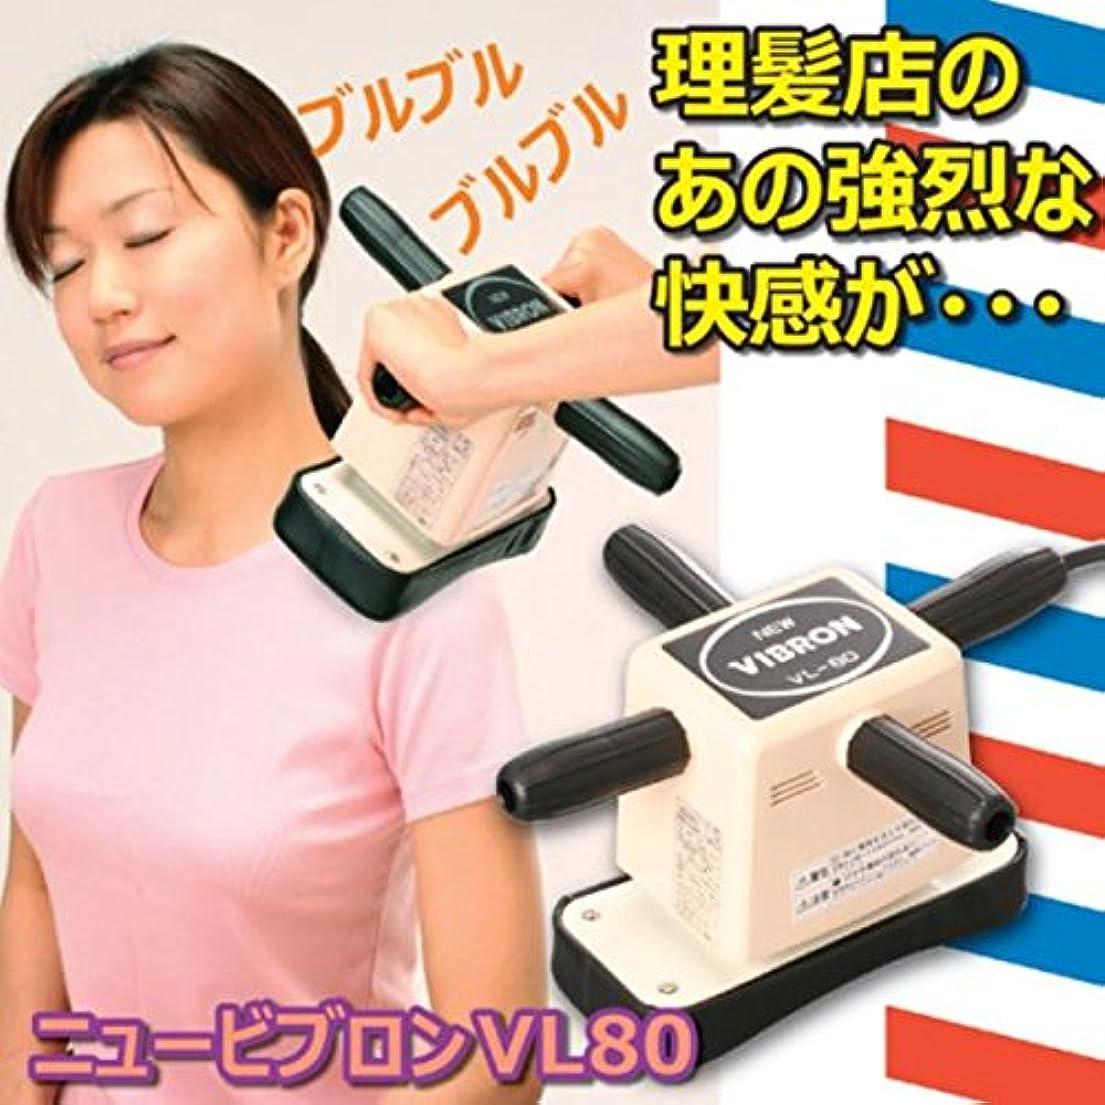 からパットプラグ後藤:家庭用電気マッサージ器ニュービブロン 870070